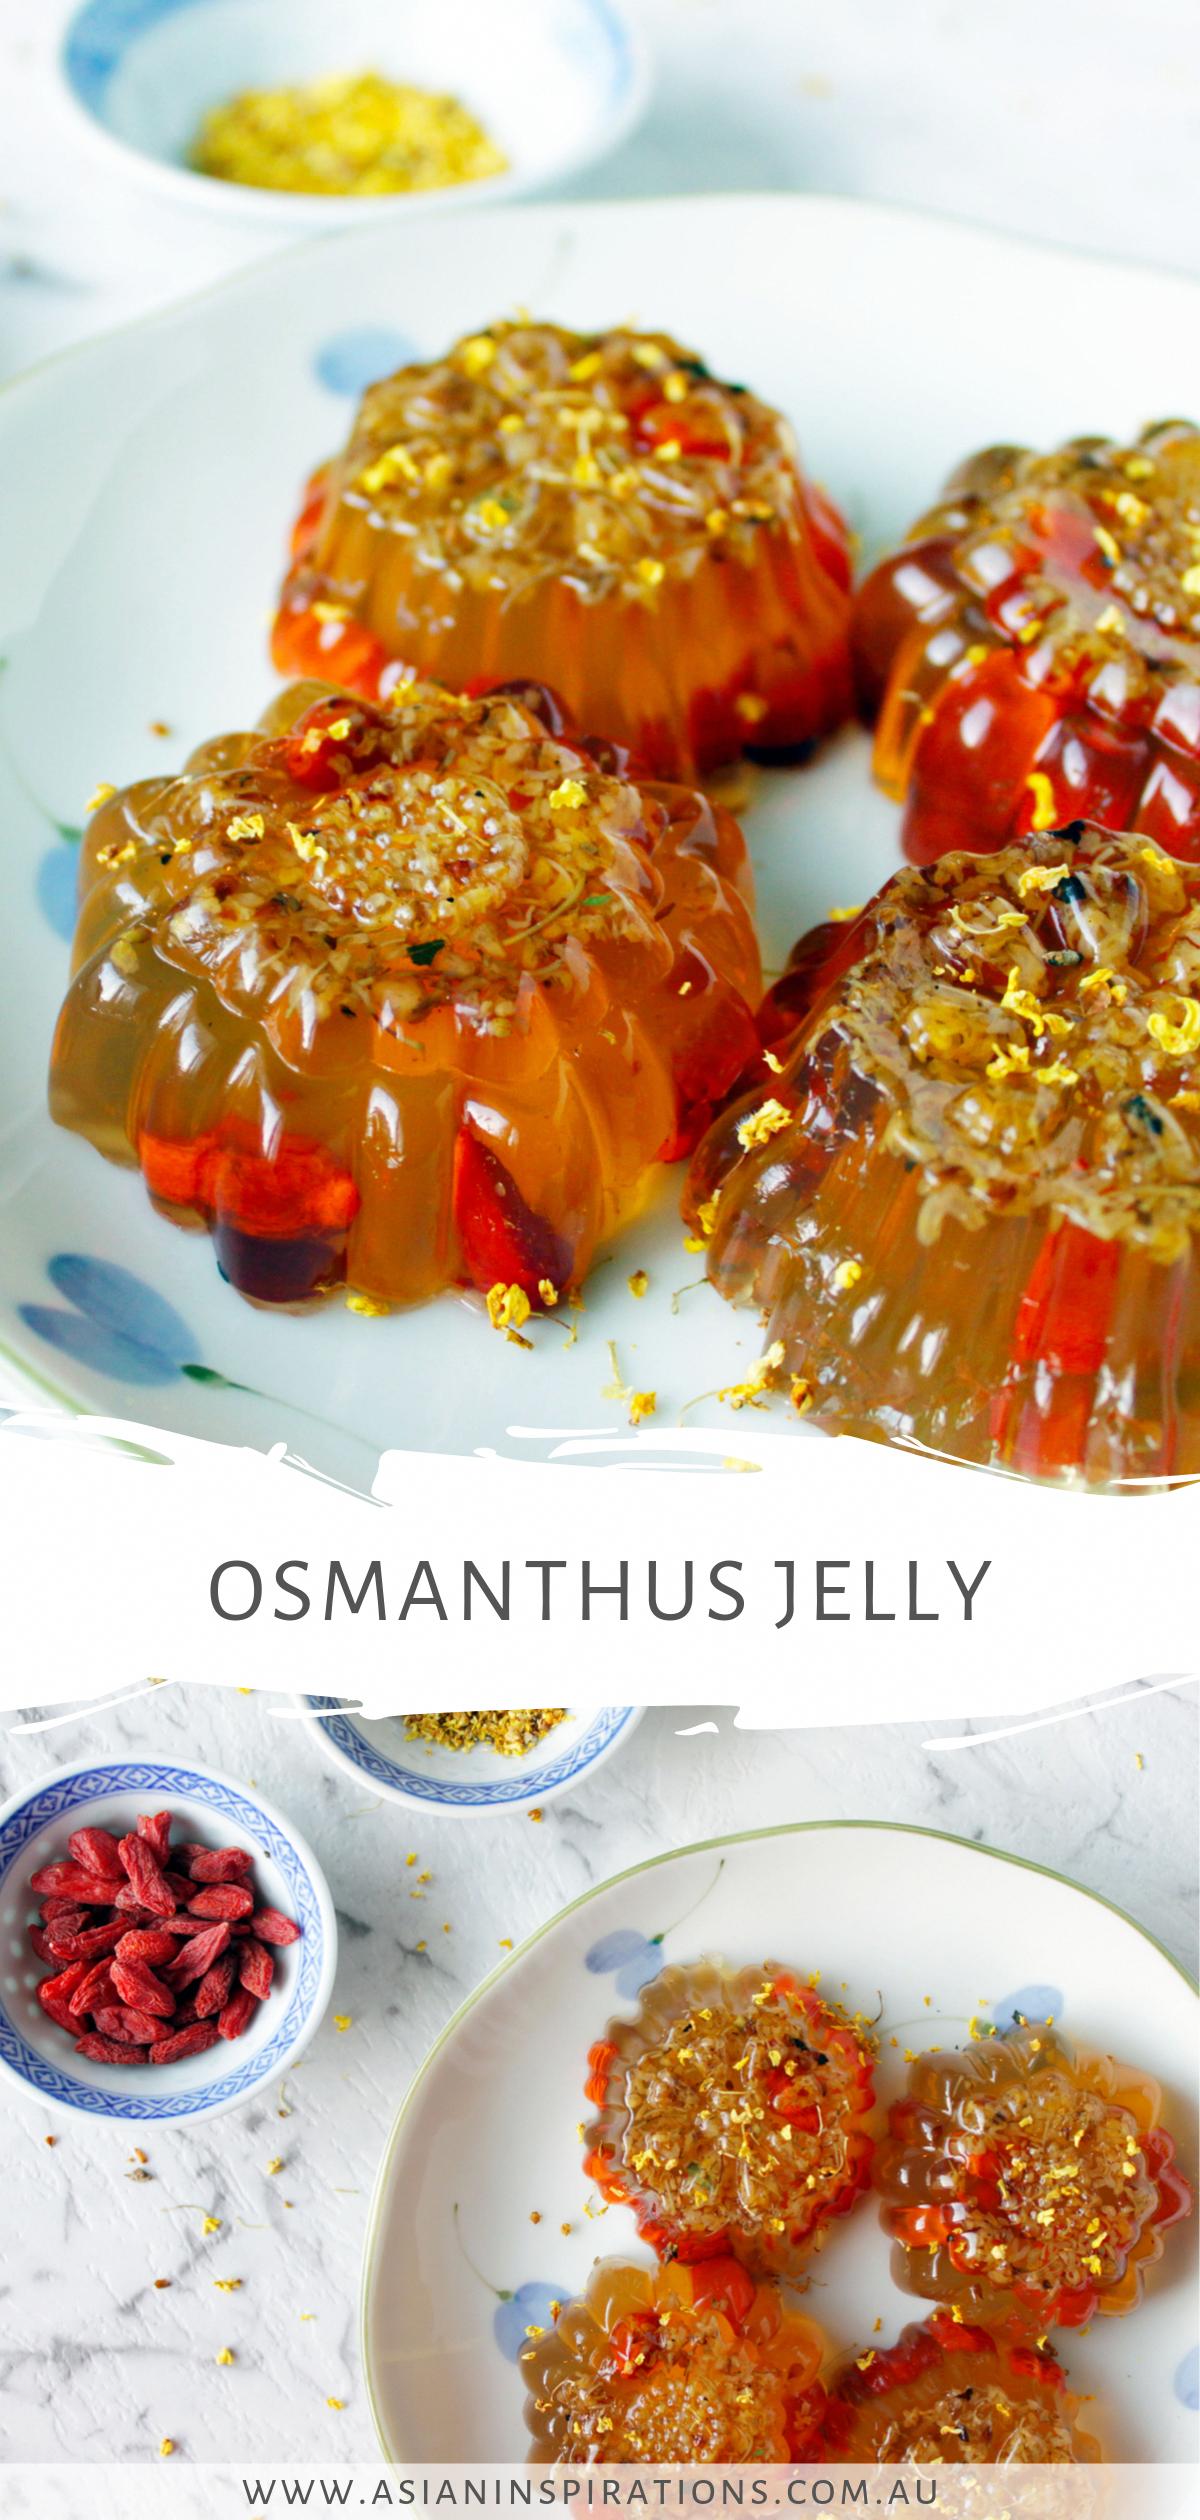 Vietnamese Dessert Recipes Authentic Authentic Vietnamese Recipes In 2020 Recipes Indian Food Recipes Vegetarian Vietnamese Dessert